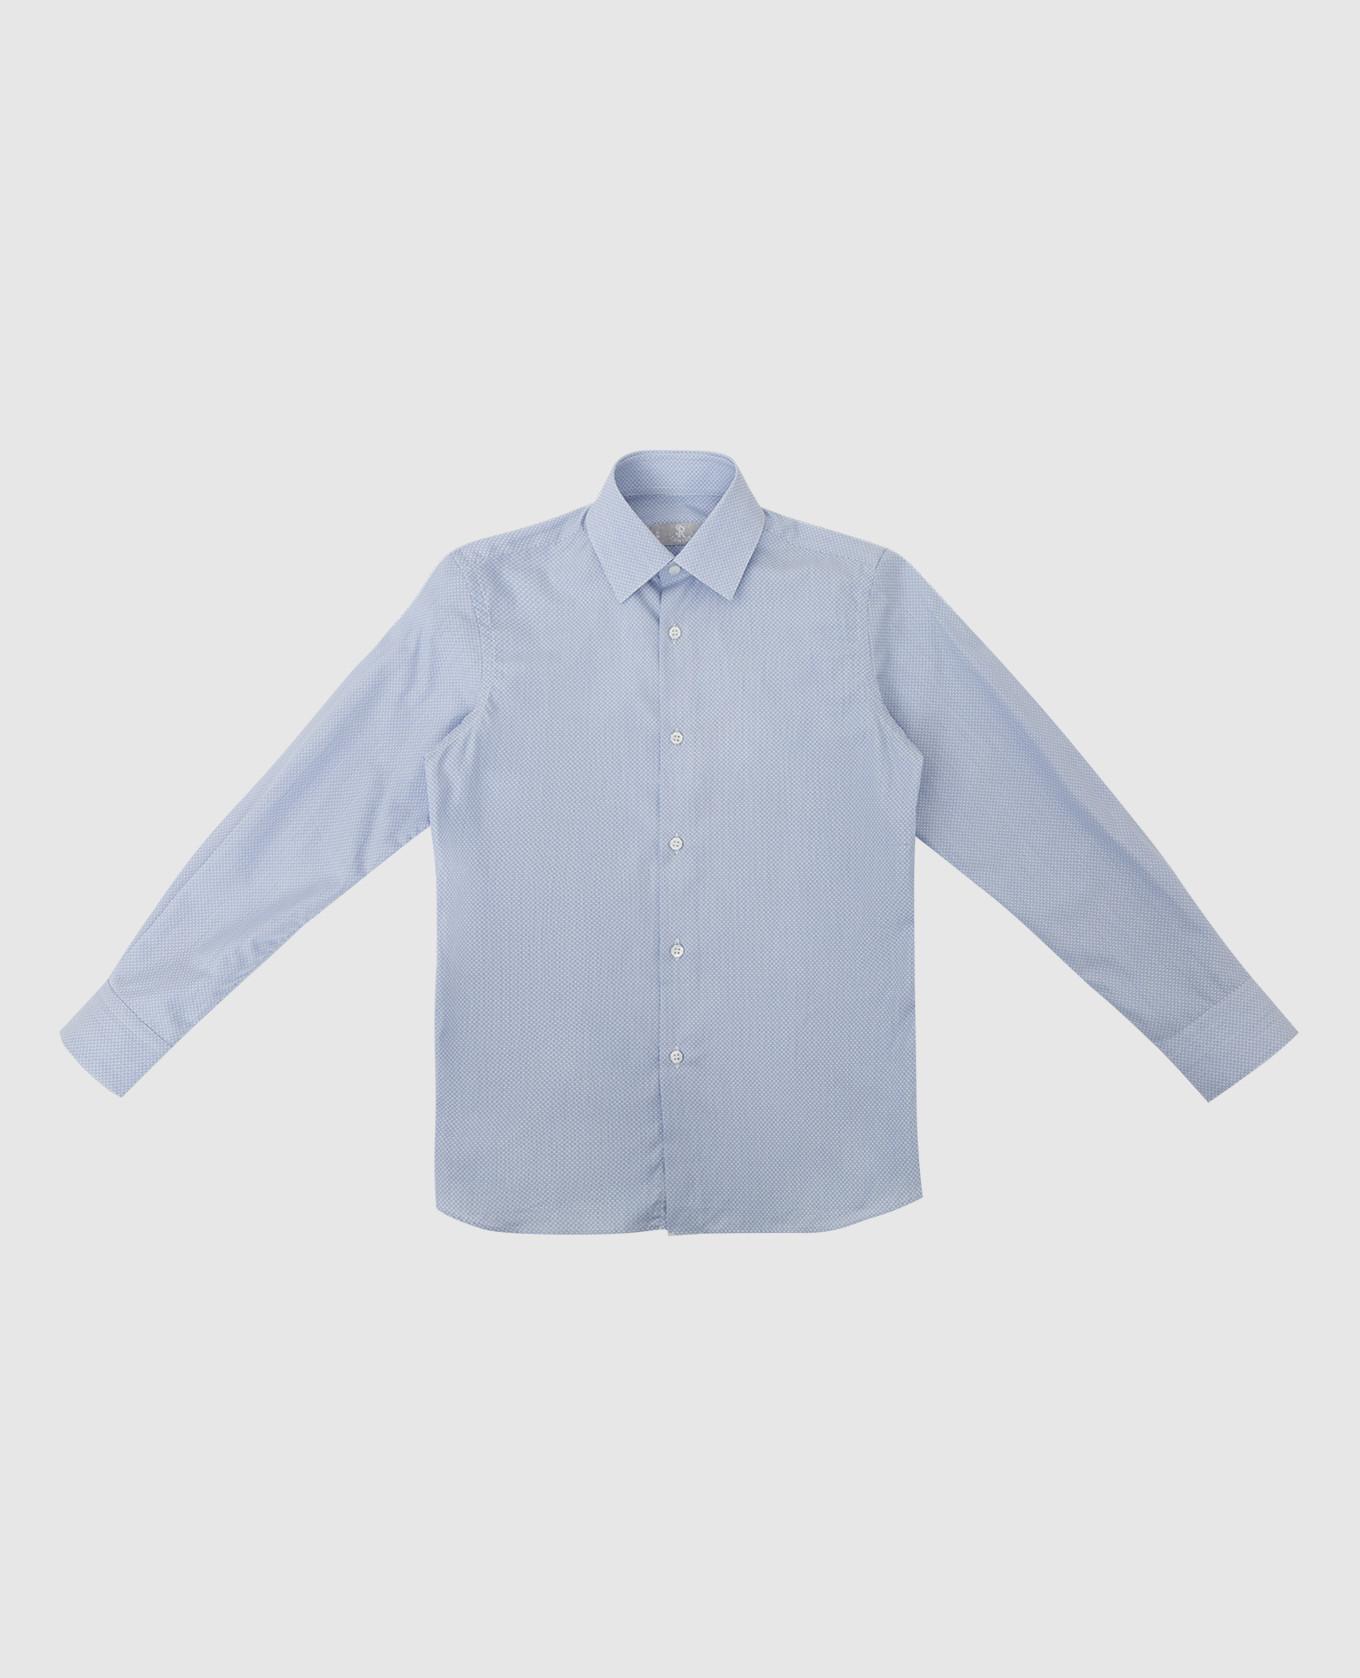 Детская светло-синяя рубашка Stefano Ricci